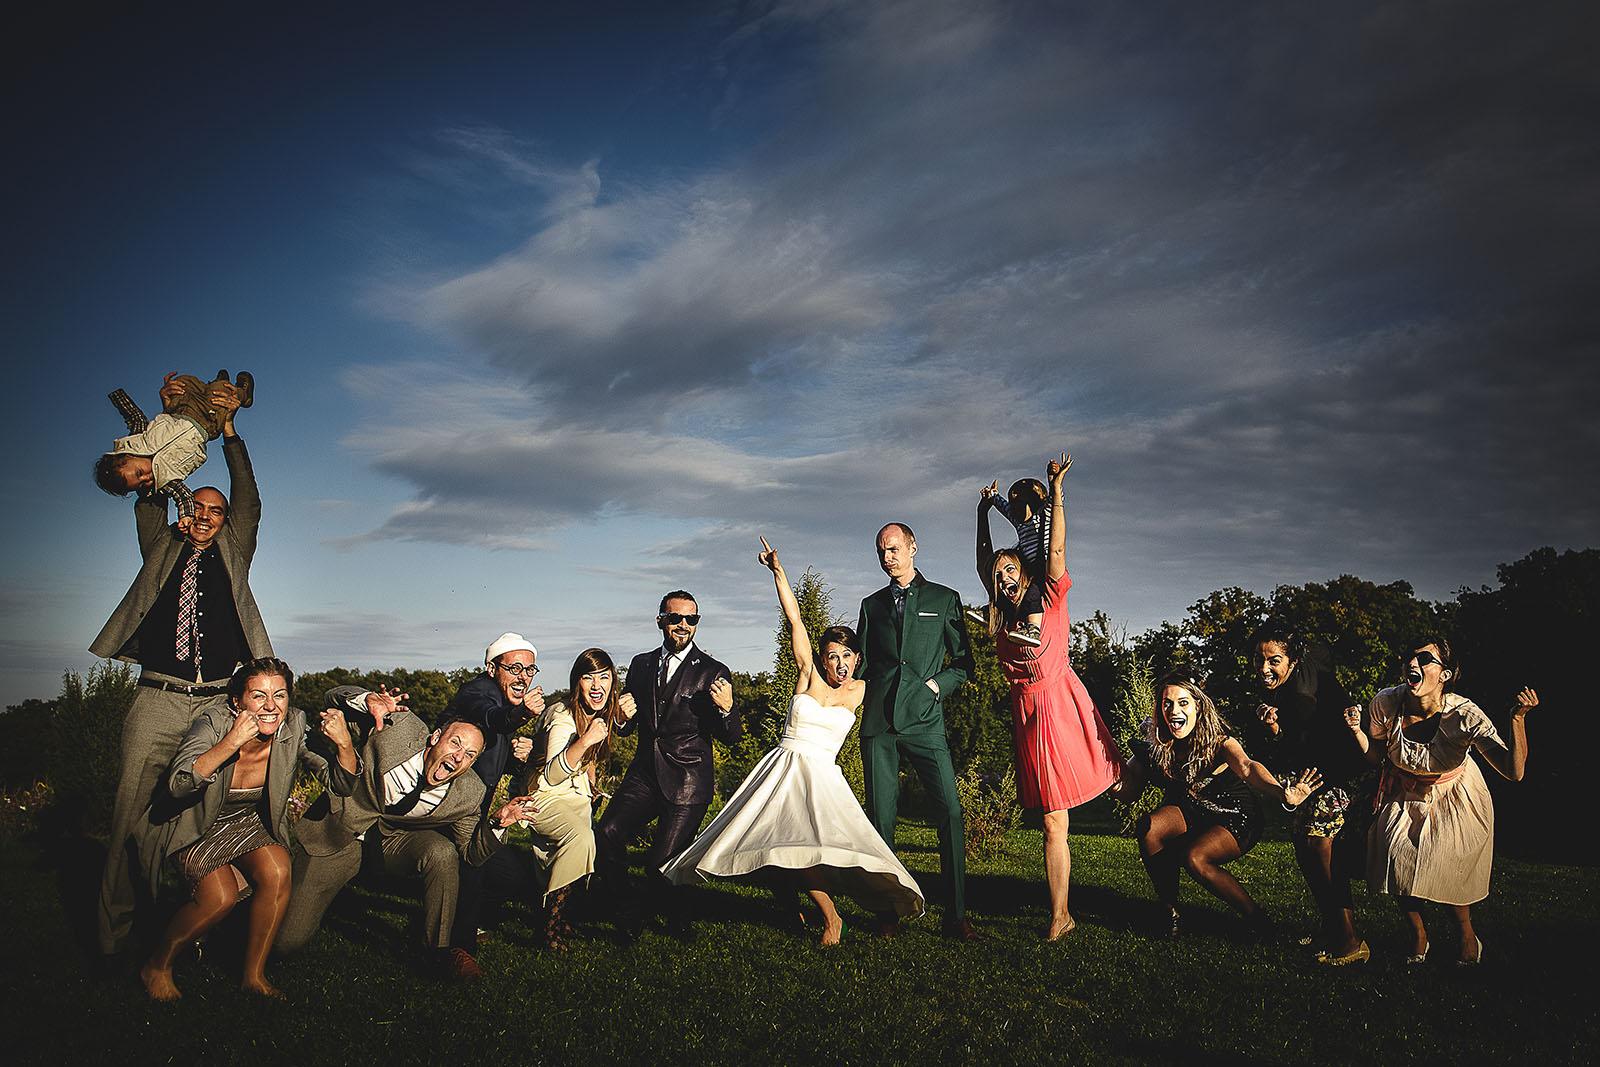 Mariage Manoir des Prévanches. David Pommier photographe de mariage. Photo de groupe originale et fun